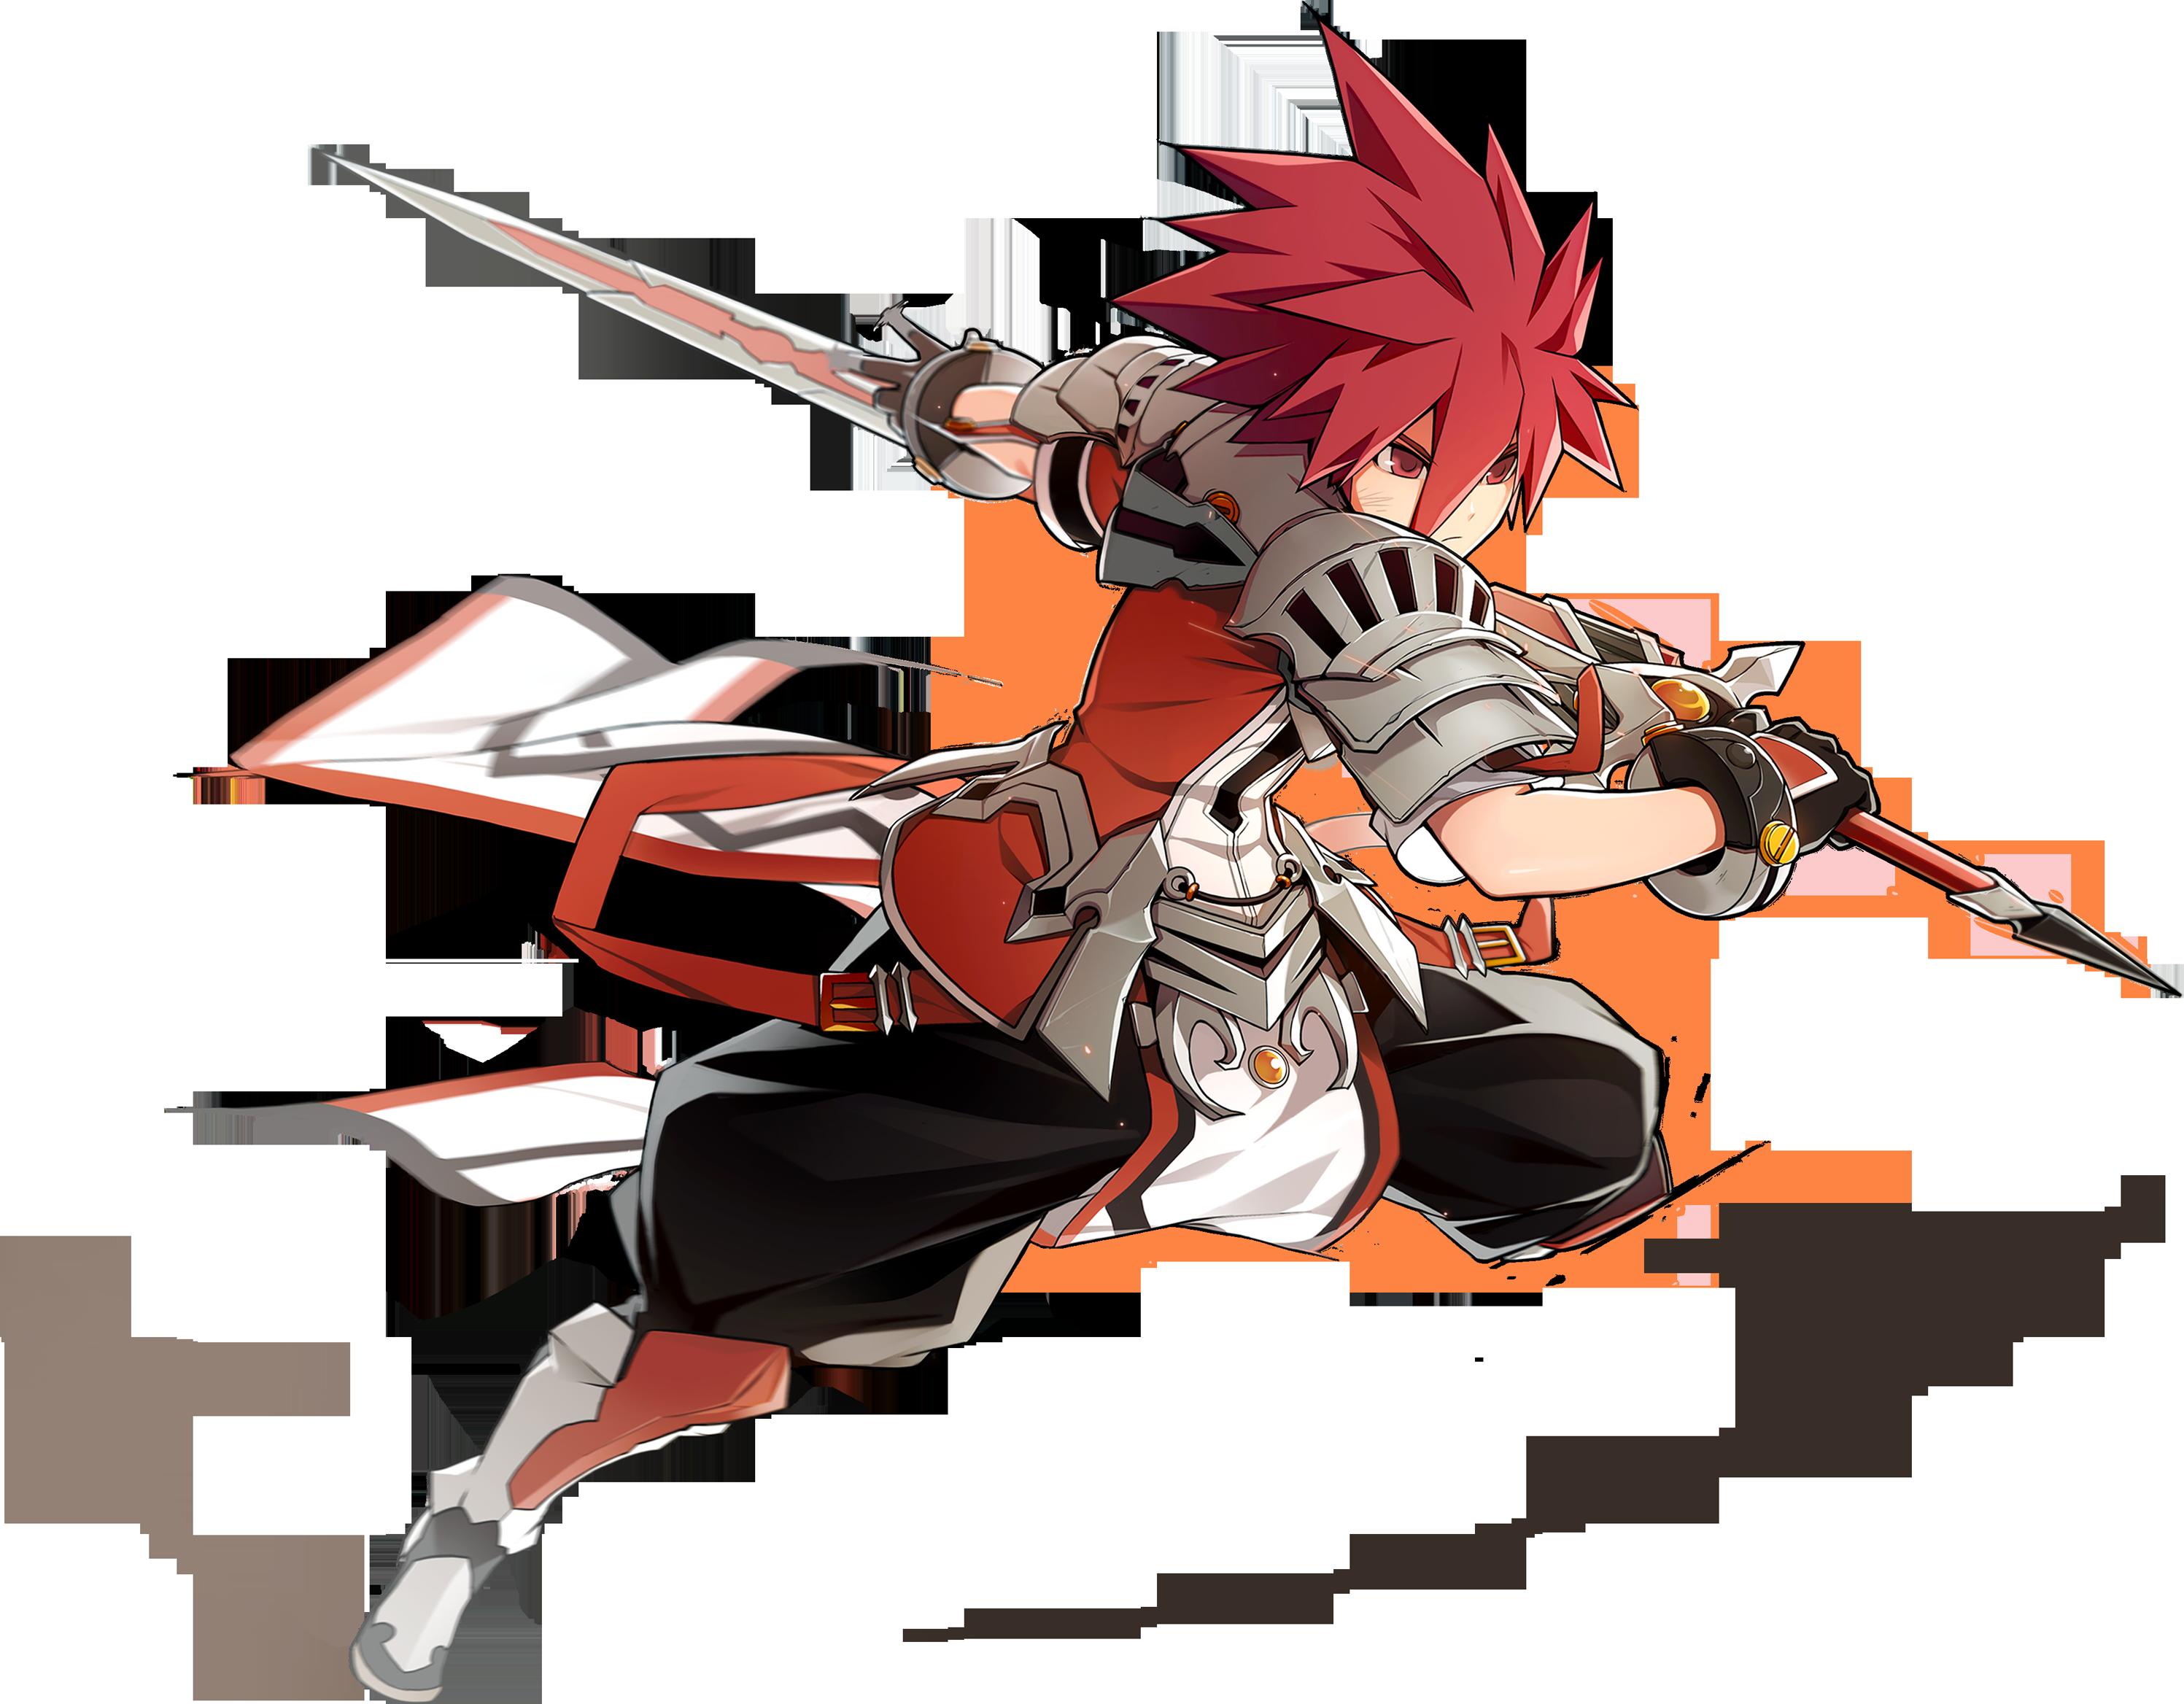 knight hentai